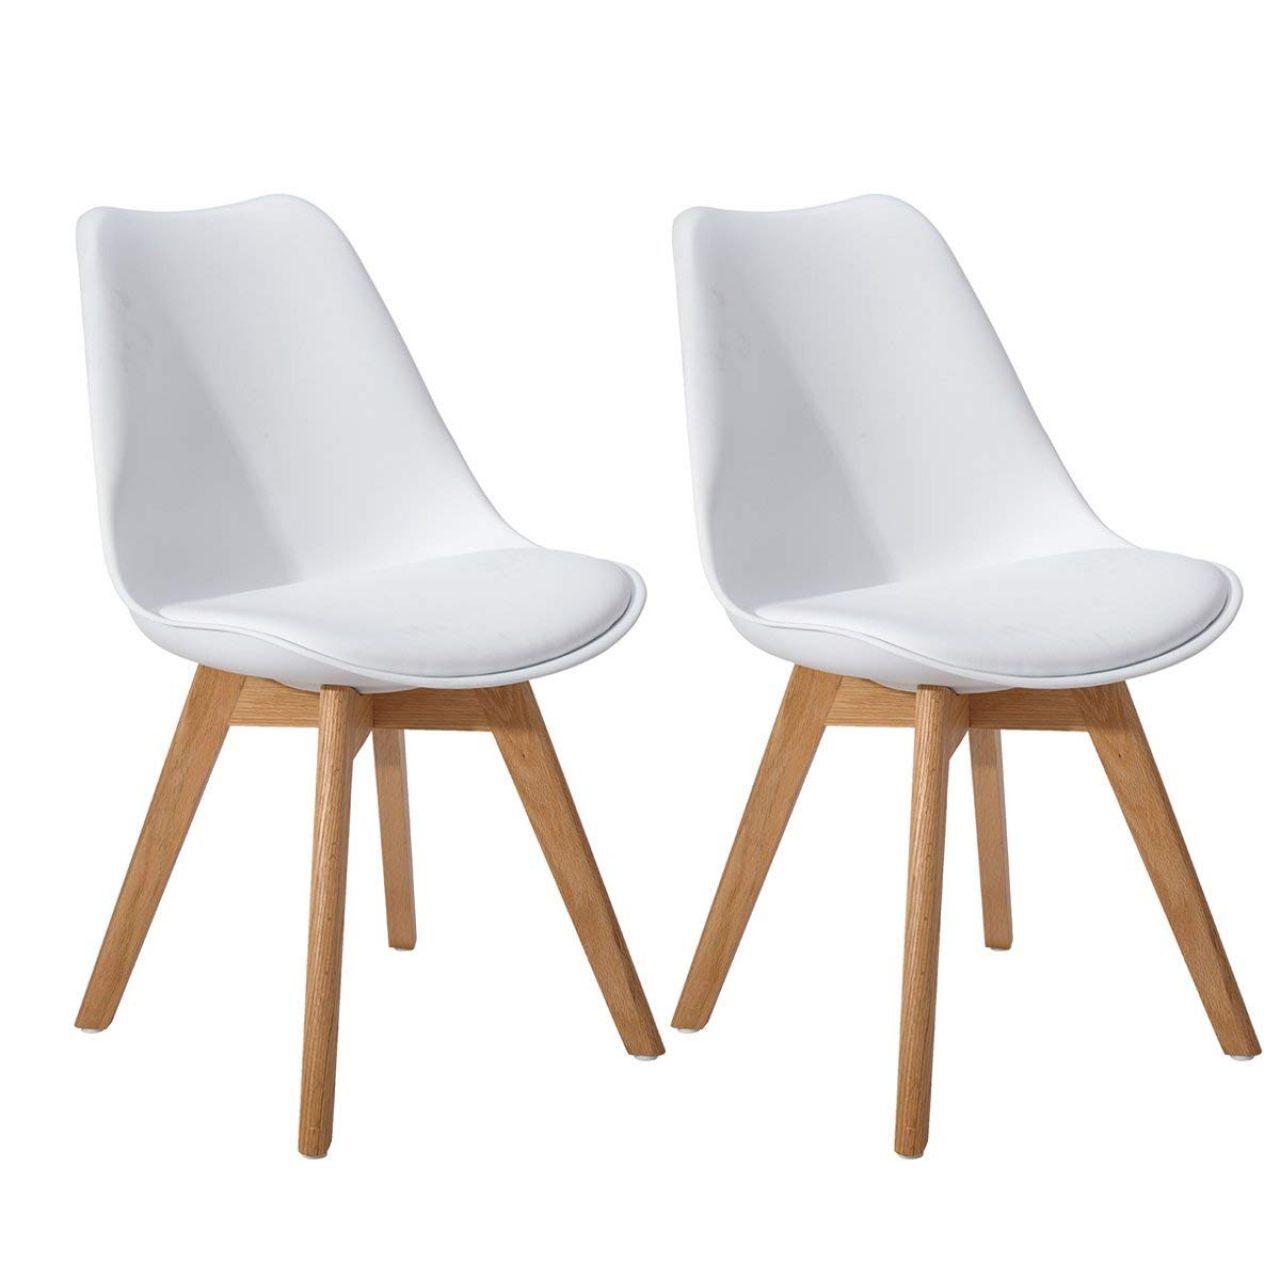 Quelles chaises de salle à manger choisir pour votre maison